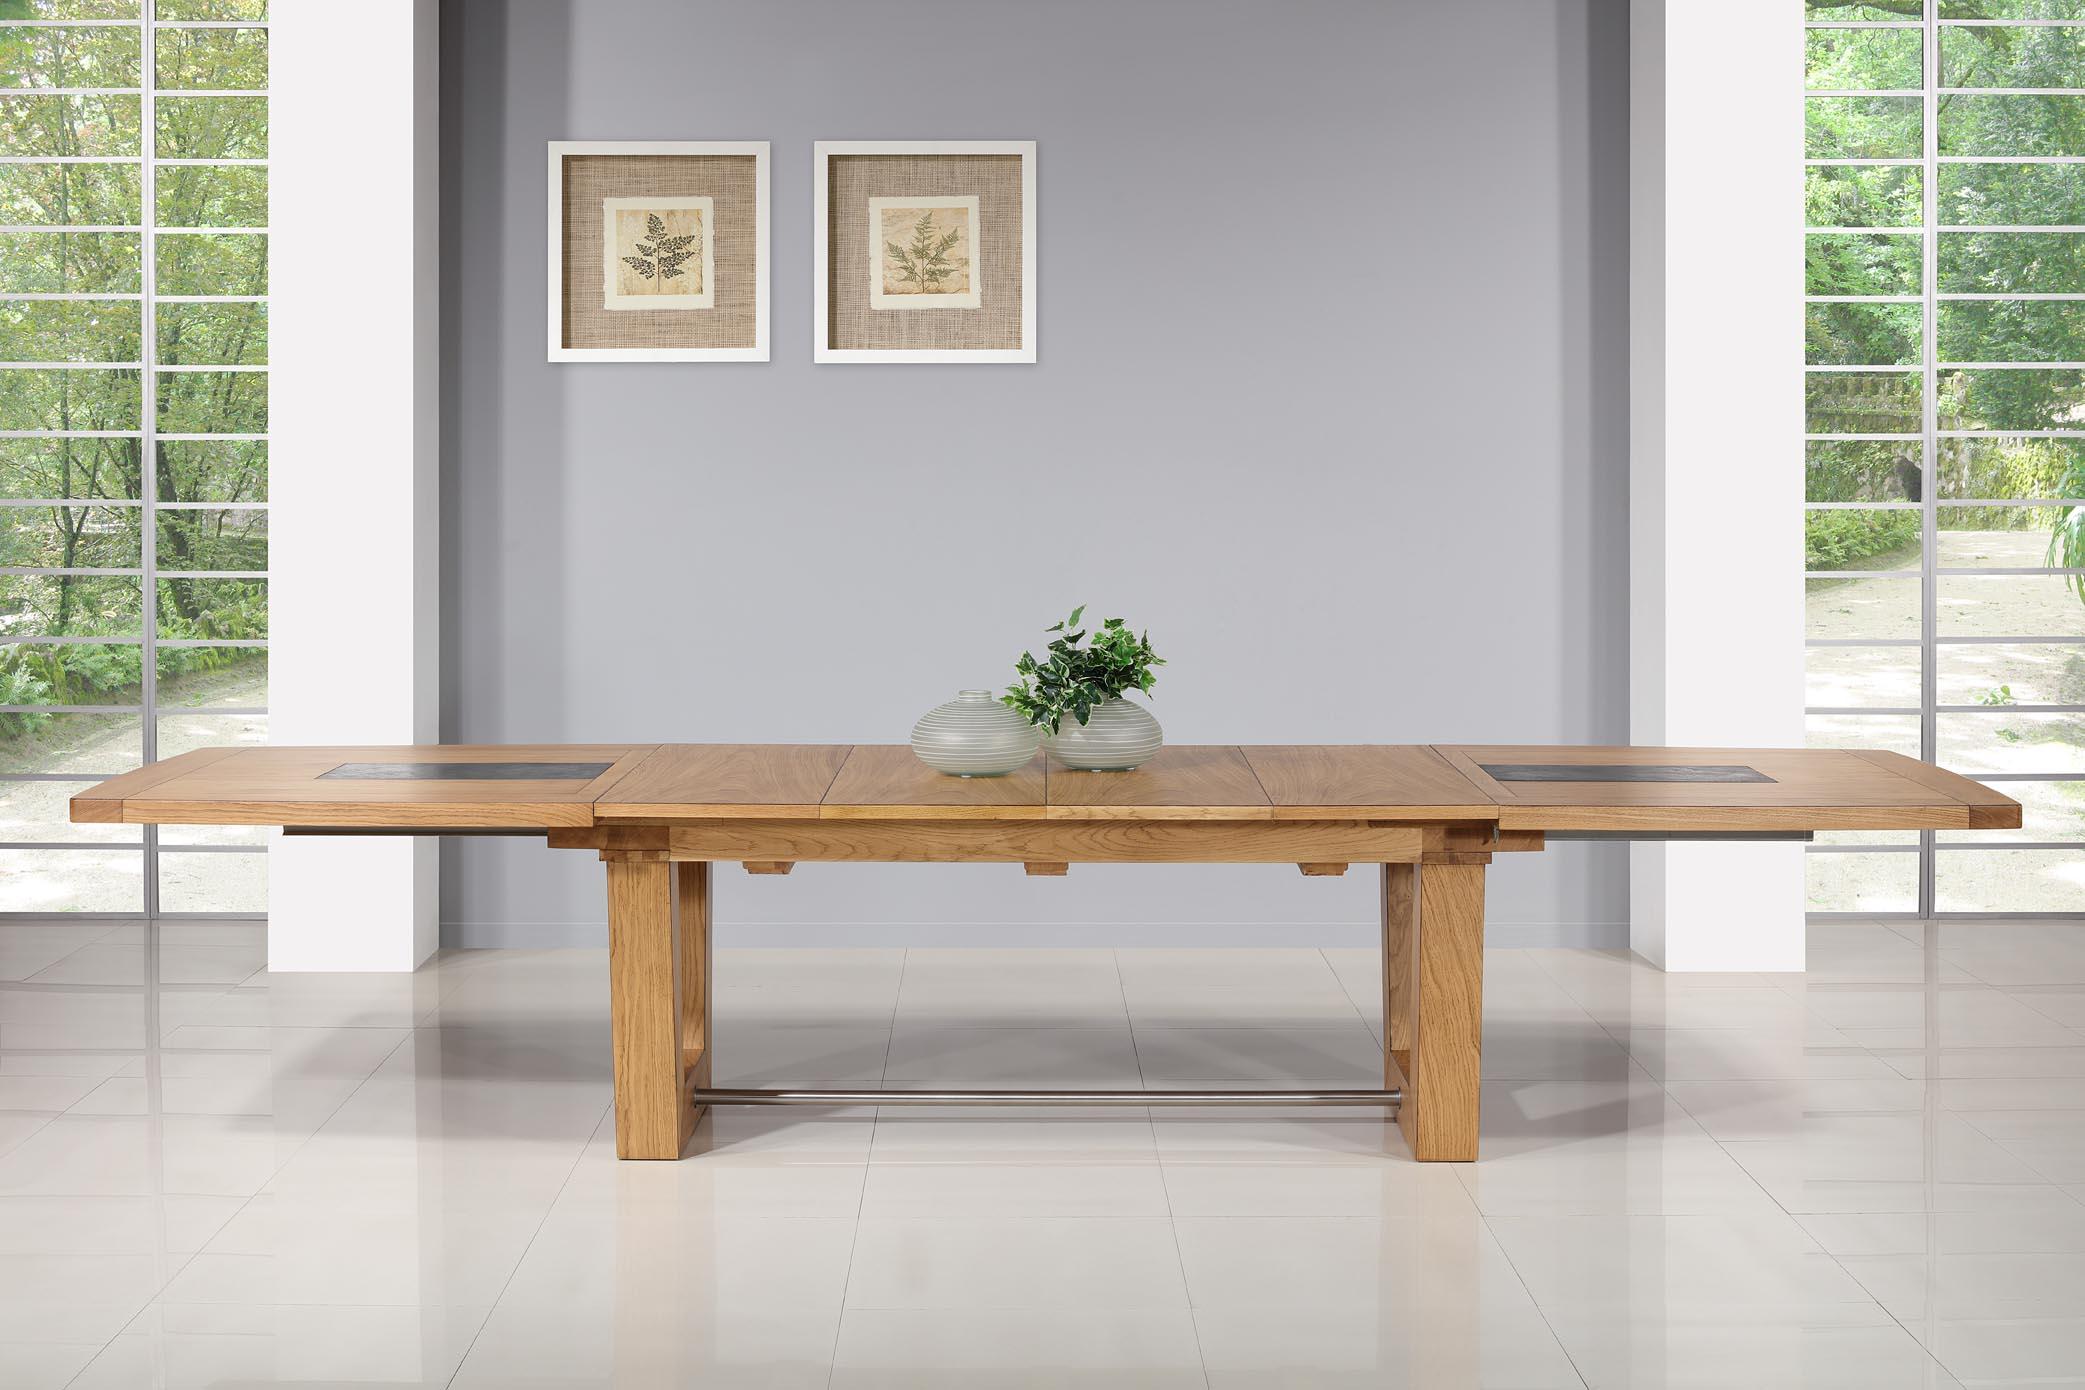 Table rectangulaire  220x110  en Chêne Massif 4 allonges de 40 cm (4 mètres avec ses allonges)  BONNE AFFAIRE 1 DISPONIBLE Finition Chêne Naturel Antik